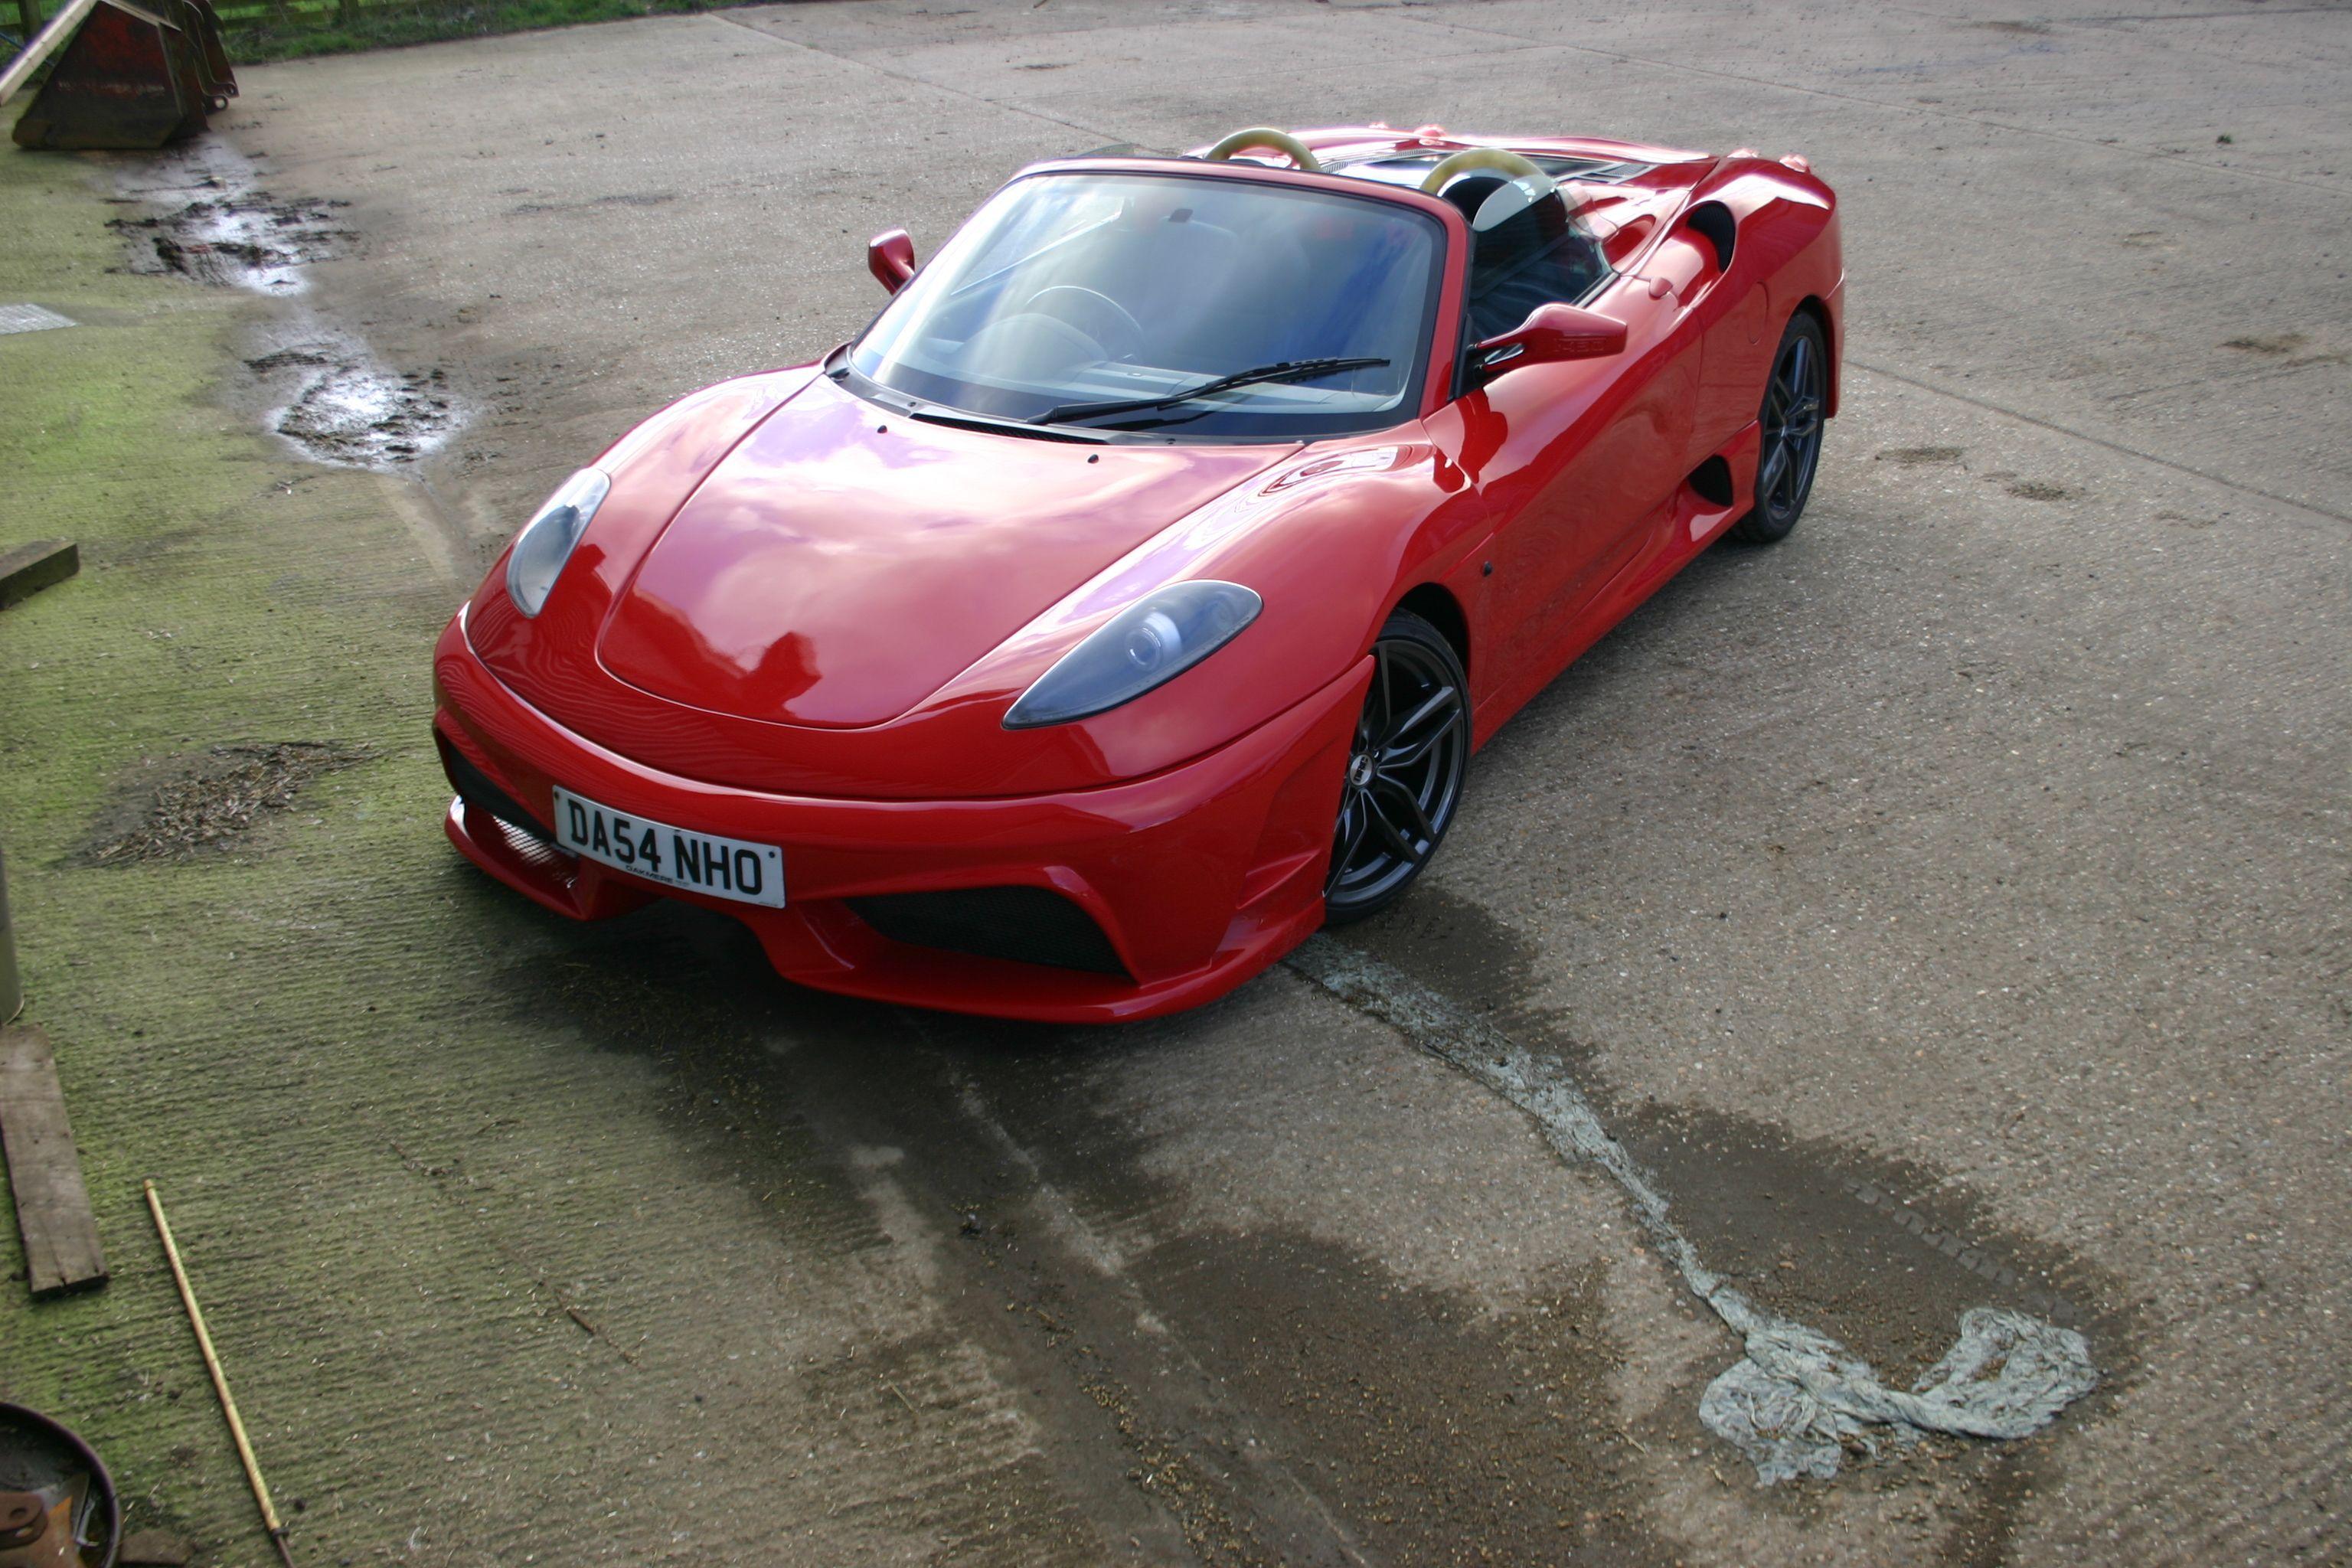 Rosso F430 16M Scuderia Replica Ferrari F430 Replica Based-2458